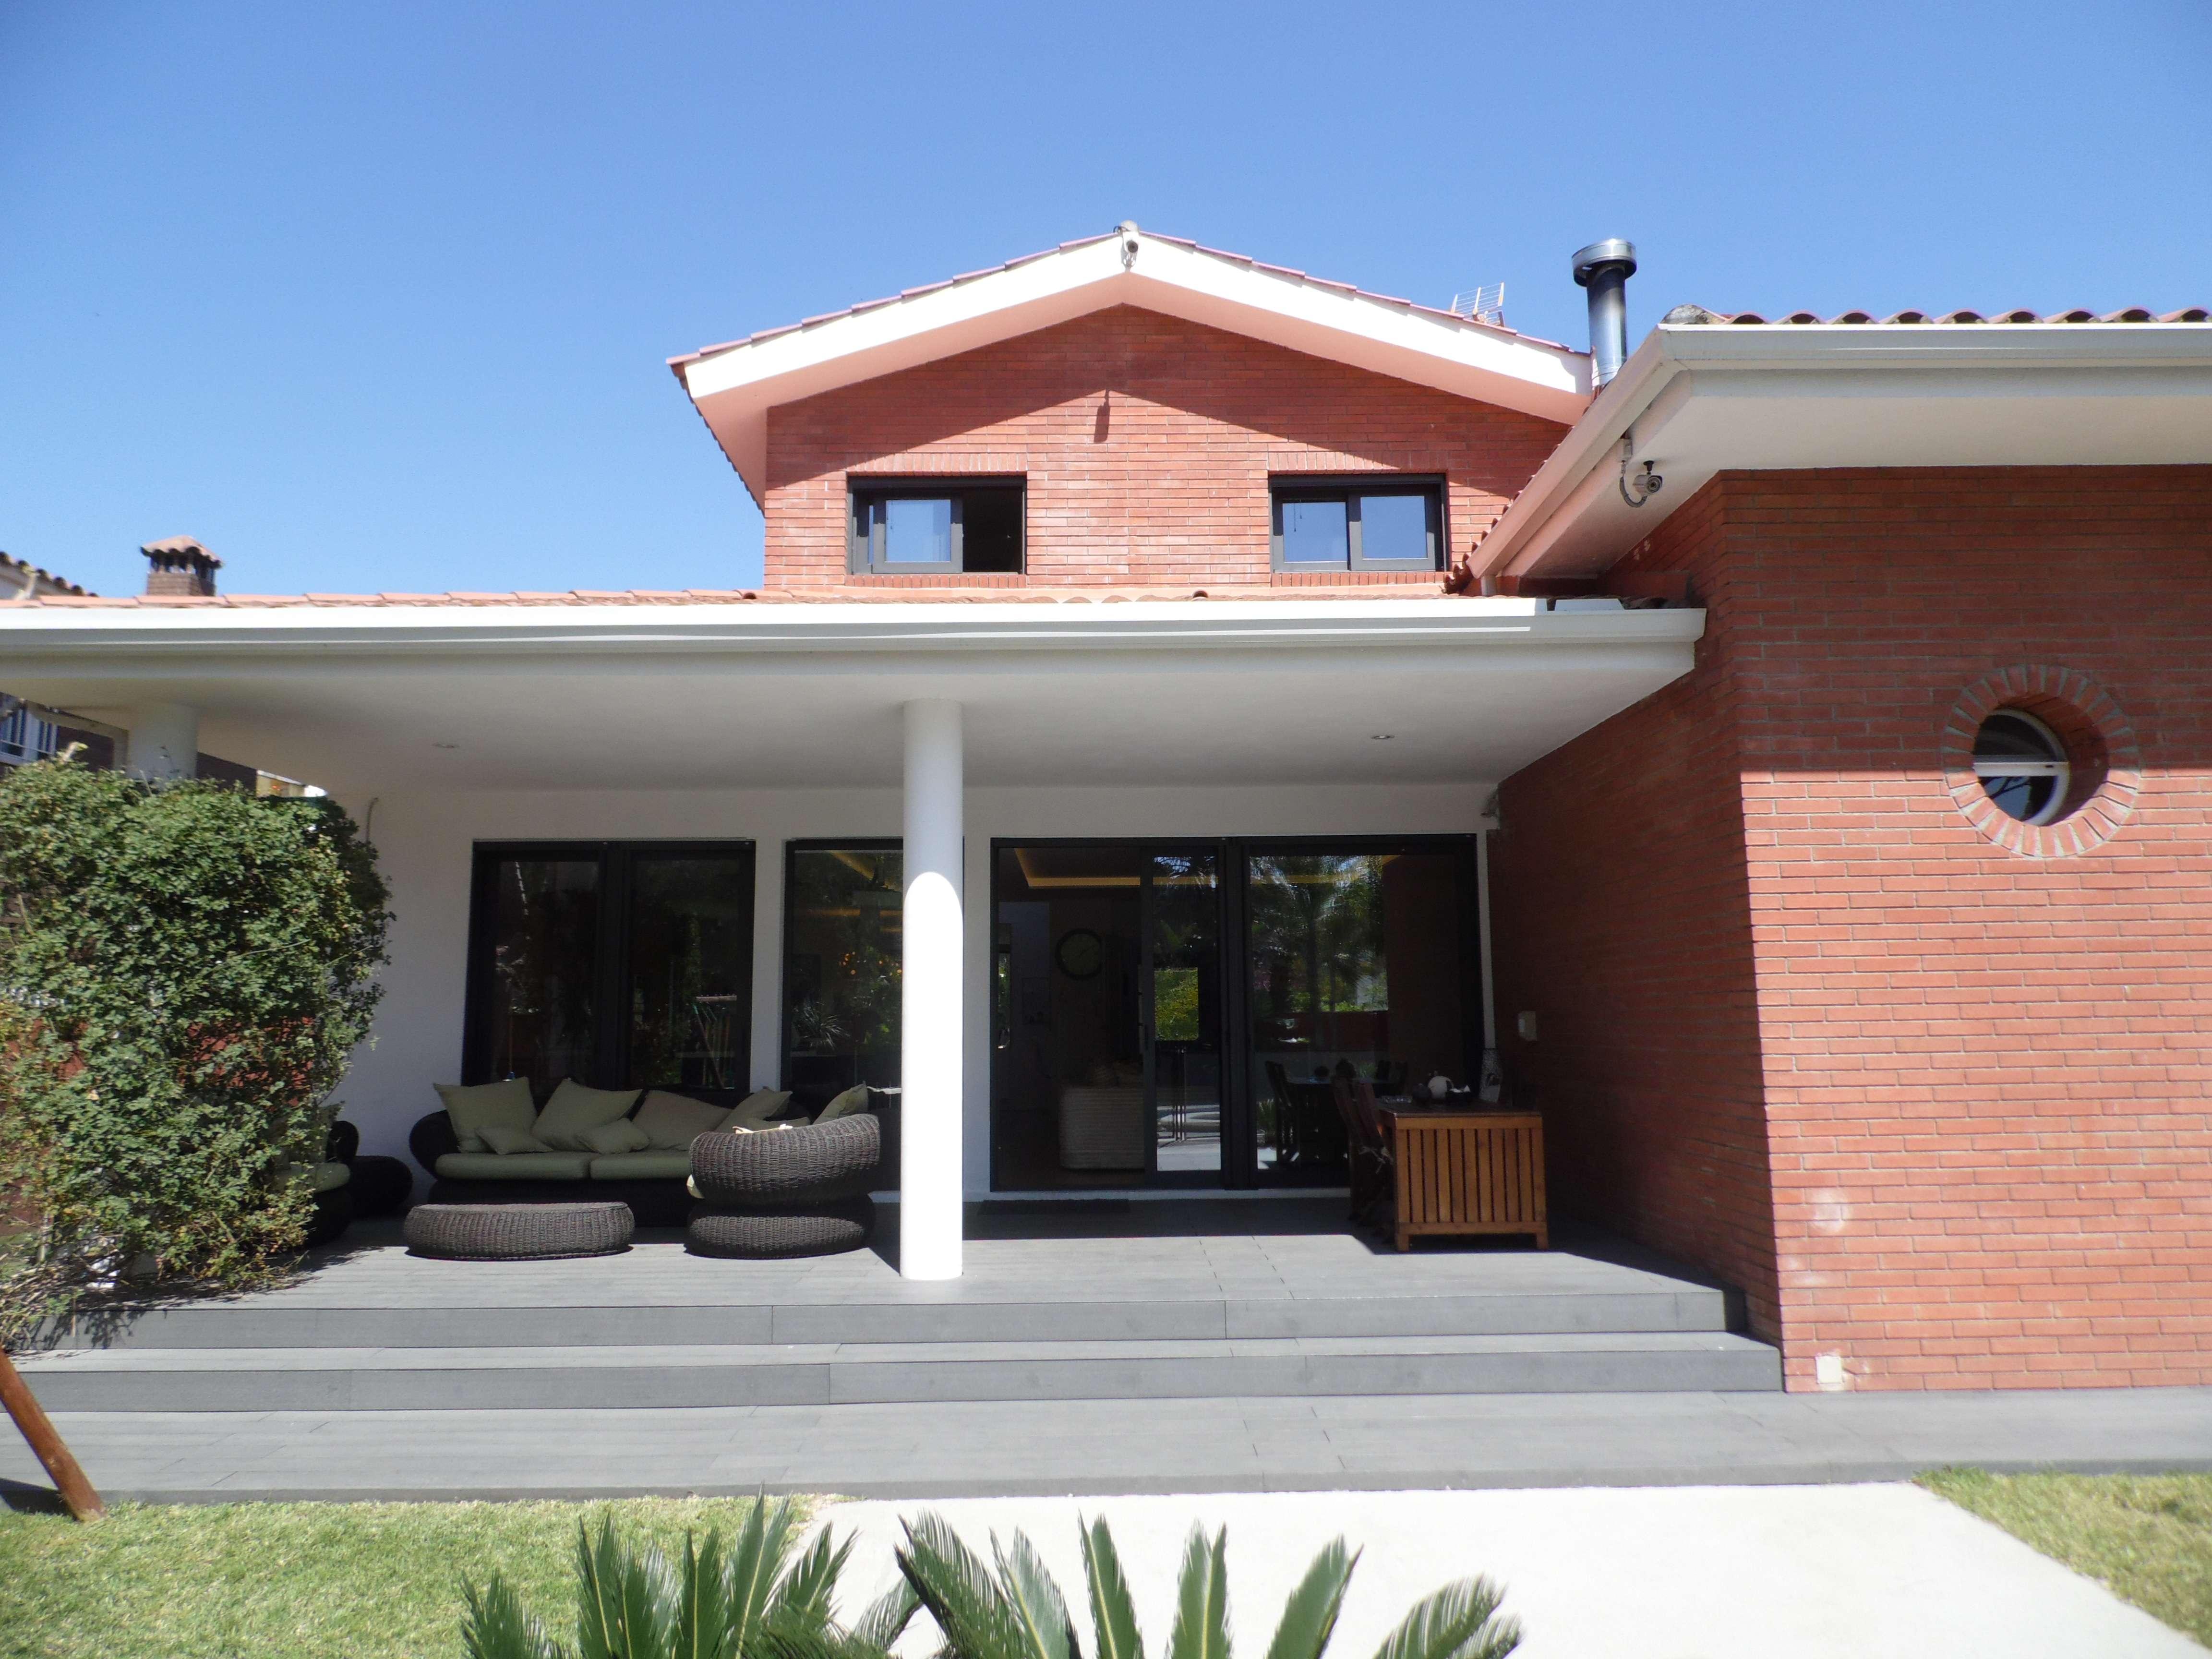 Villa Unifamiliar en Castelldefels